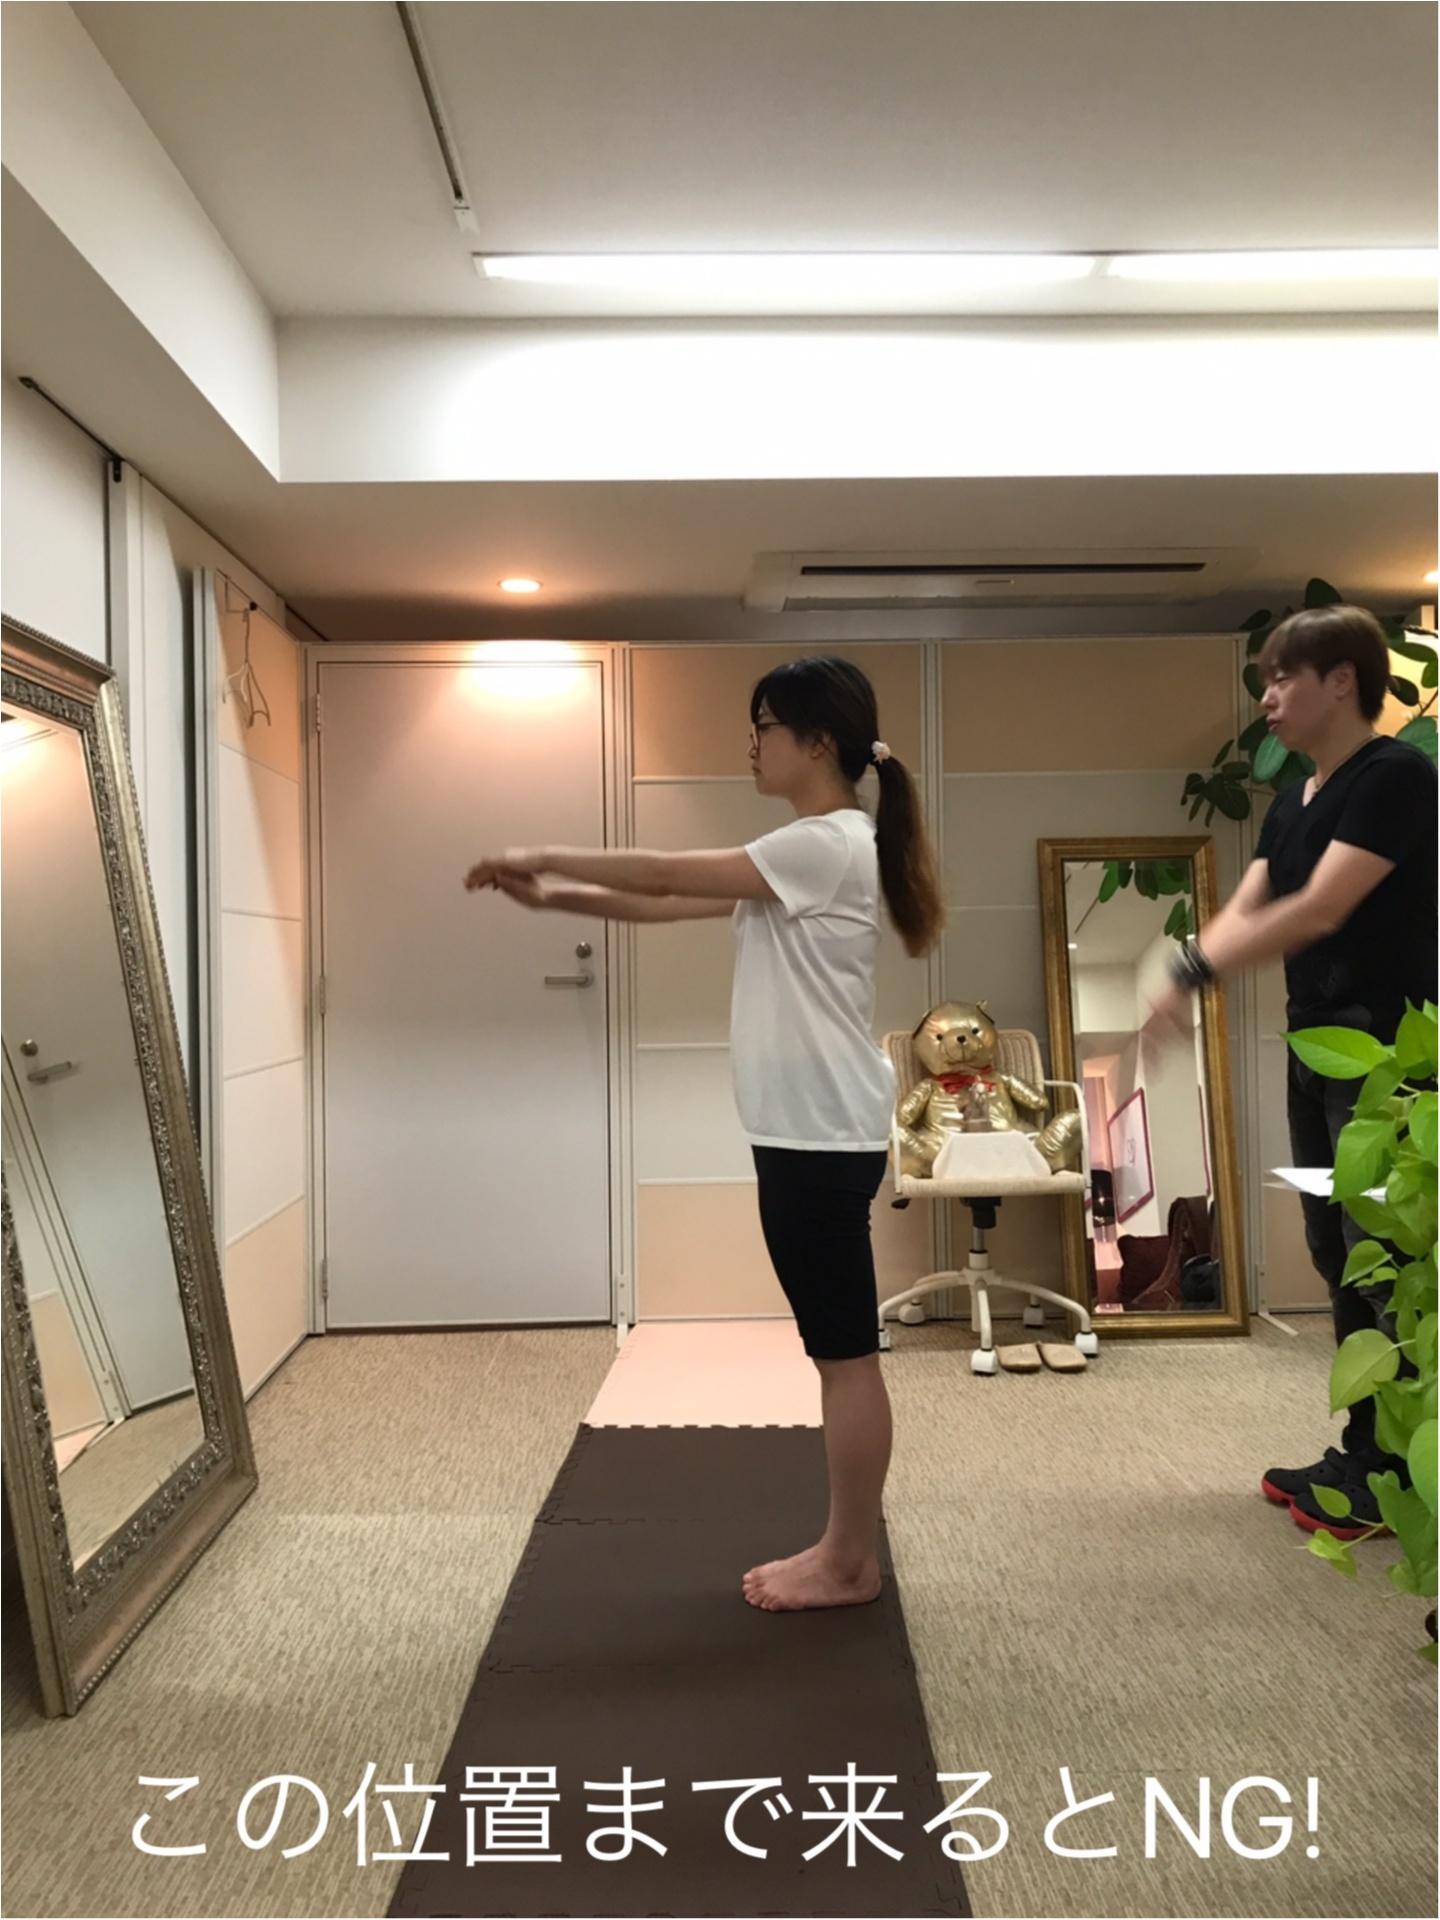 小倉義人先生のサロンで美ボディになるための「正しい歩き方」レッスン♡  【#モアチャレ 7キロ痩せ】_2_2